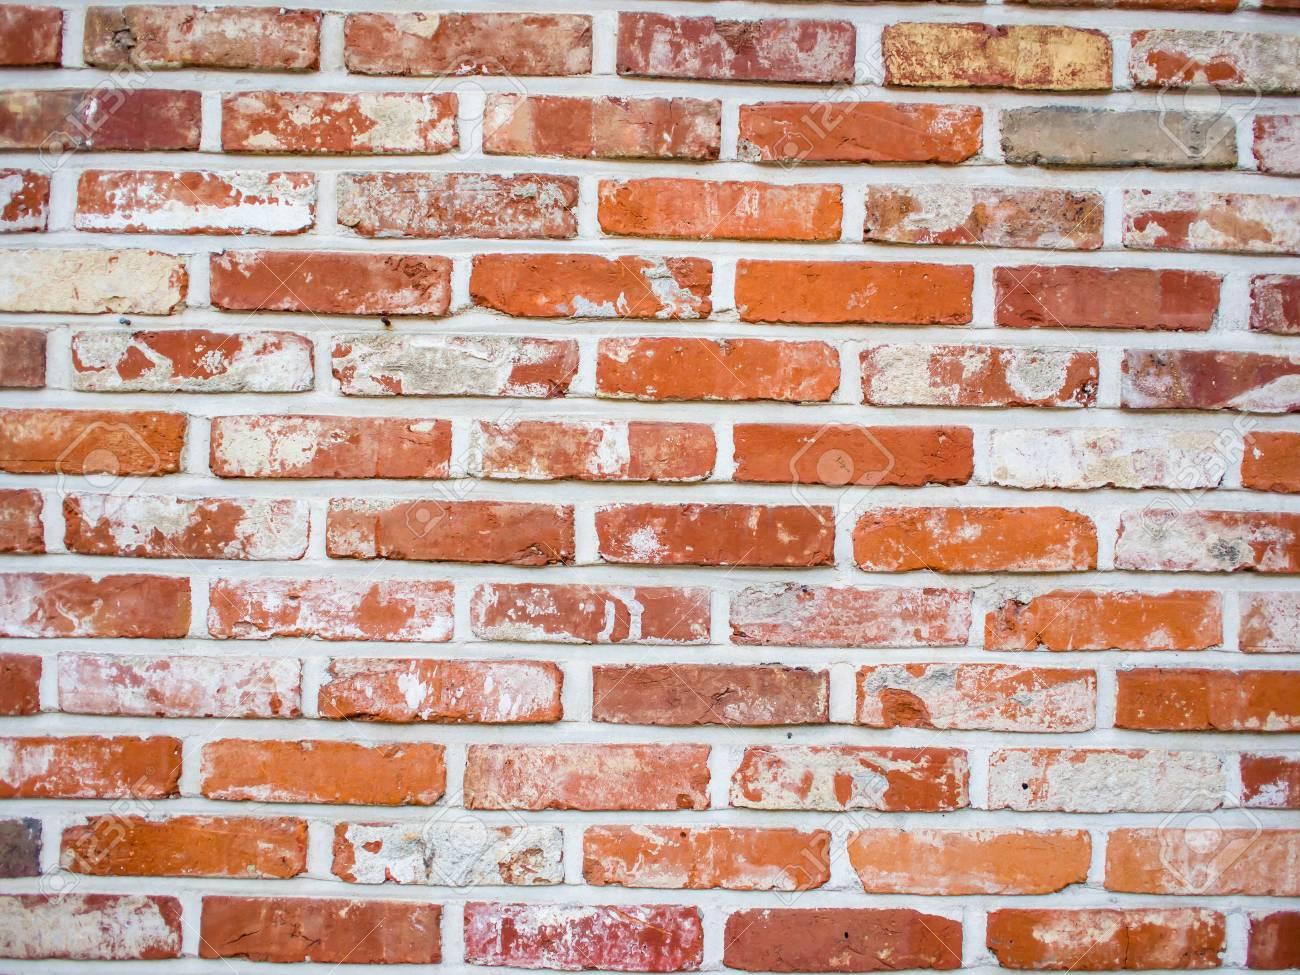 Carta Da Parati Mattoni Rossi.Immagini Stock Carta Da Parati Di Texture Di Mattoni Image 59253598